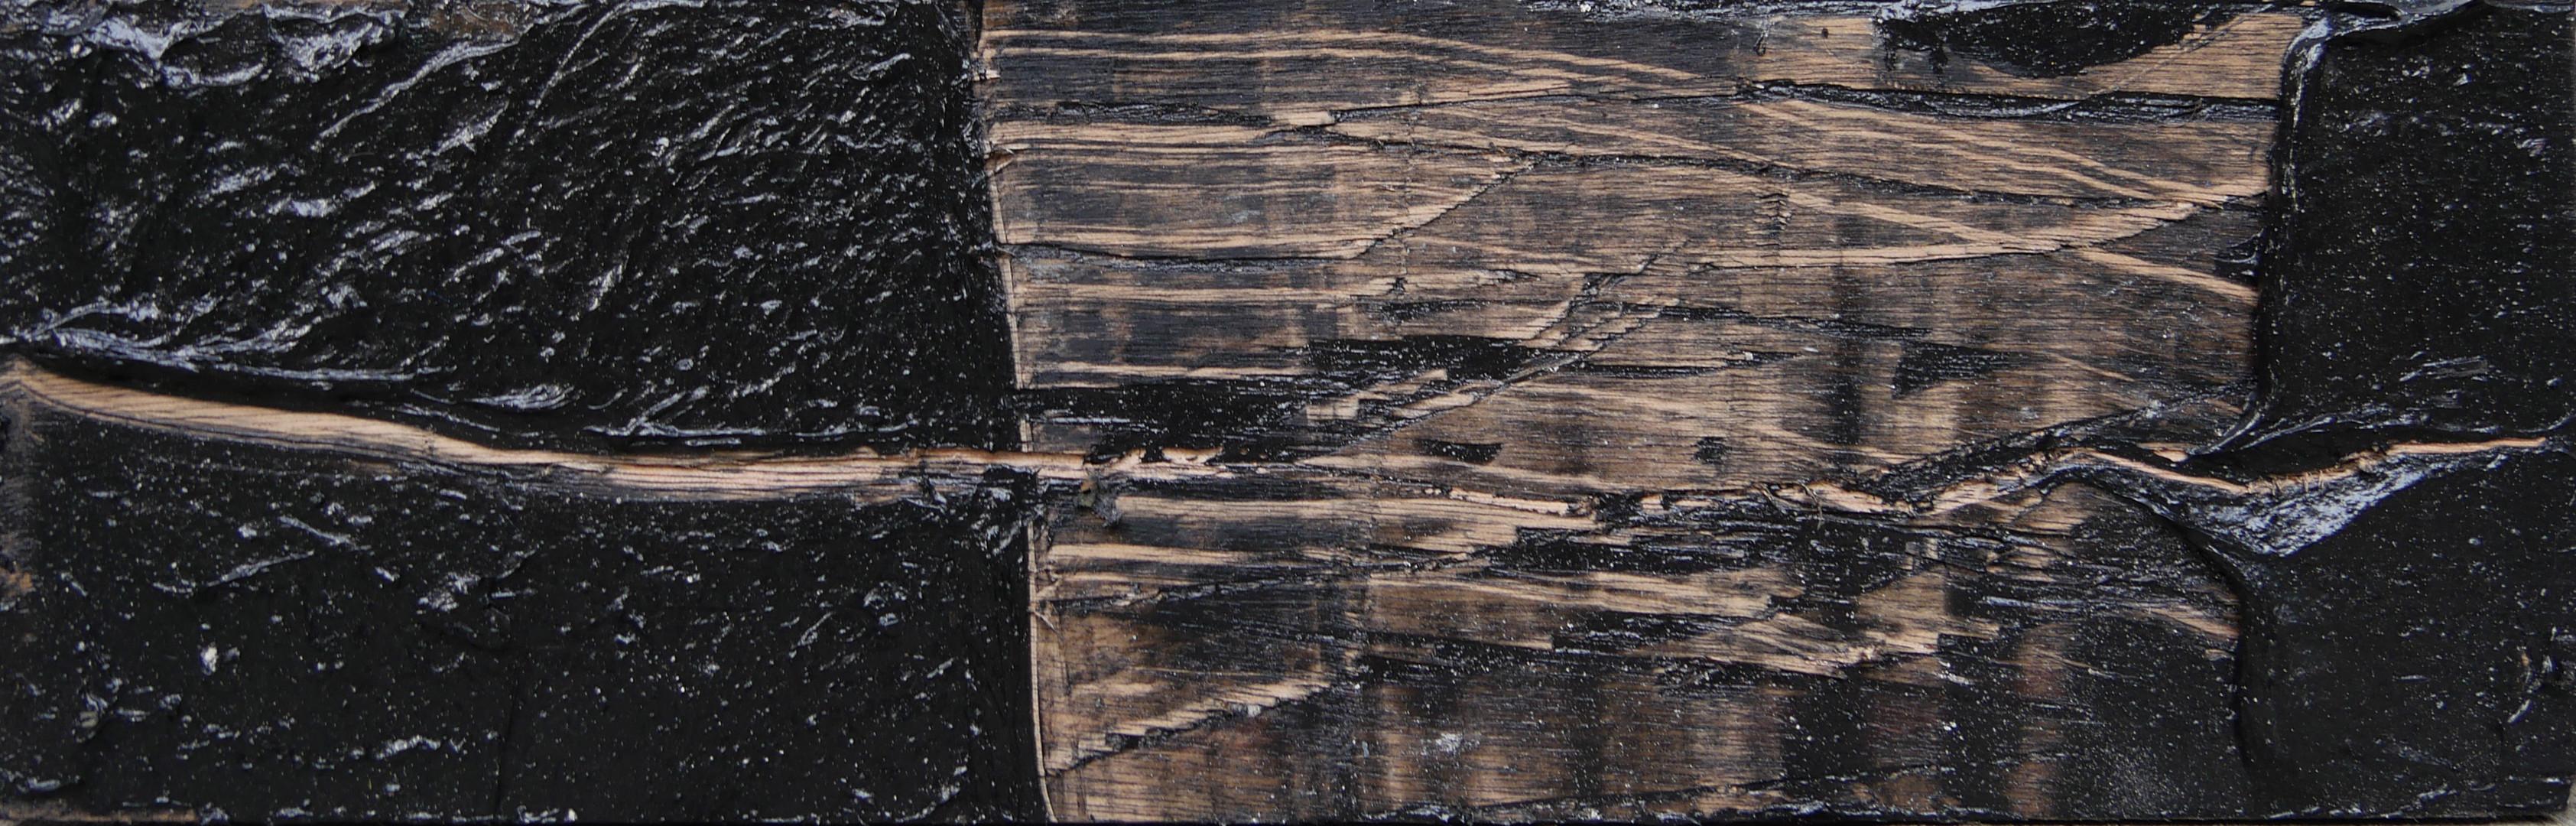 风景 I (paysages) 10x32 cm.jpg